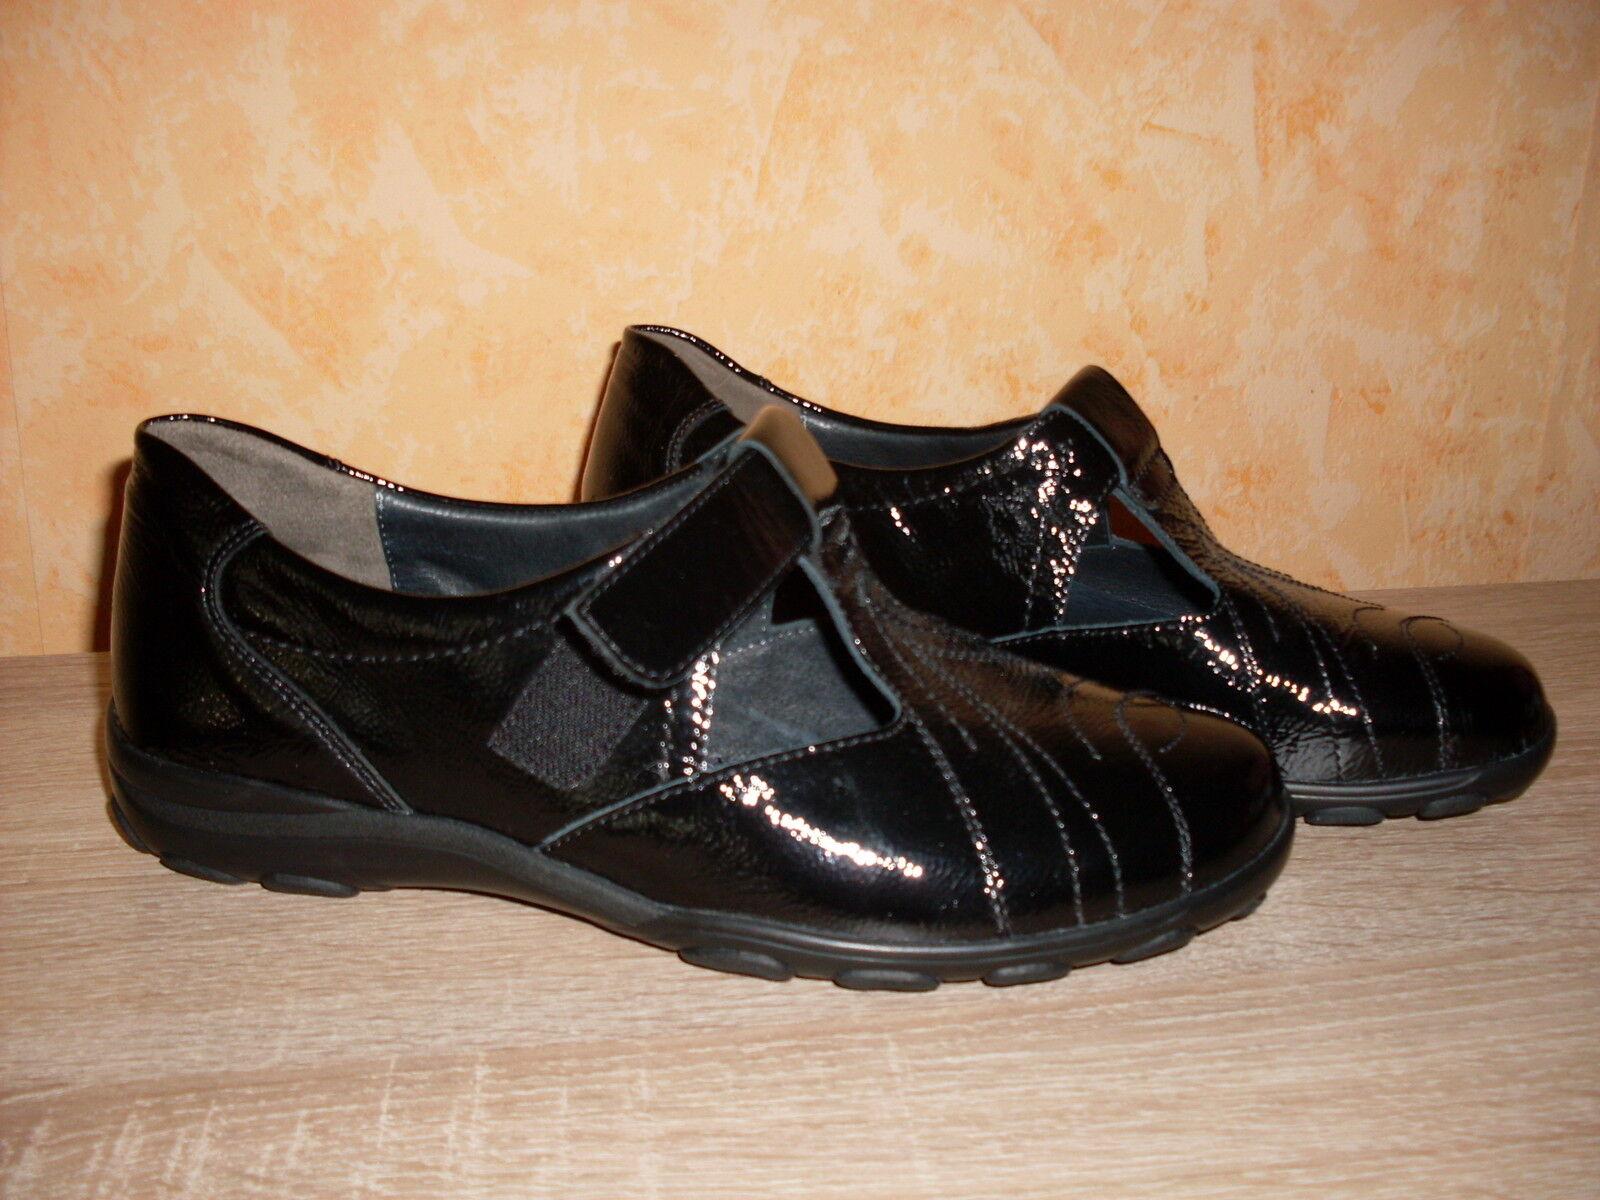 Los últimos zapatos de descuento para hombres y mujeres Descuento por tiempo limitado SEMLER Klettflat / Slipper NEU Gr. 37 oder 41,5 H schwarz Lackleder sehr bequem